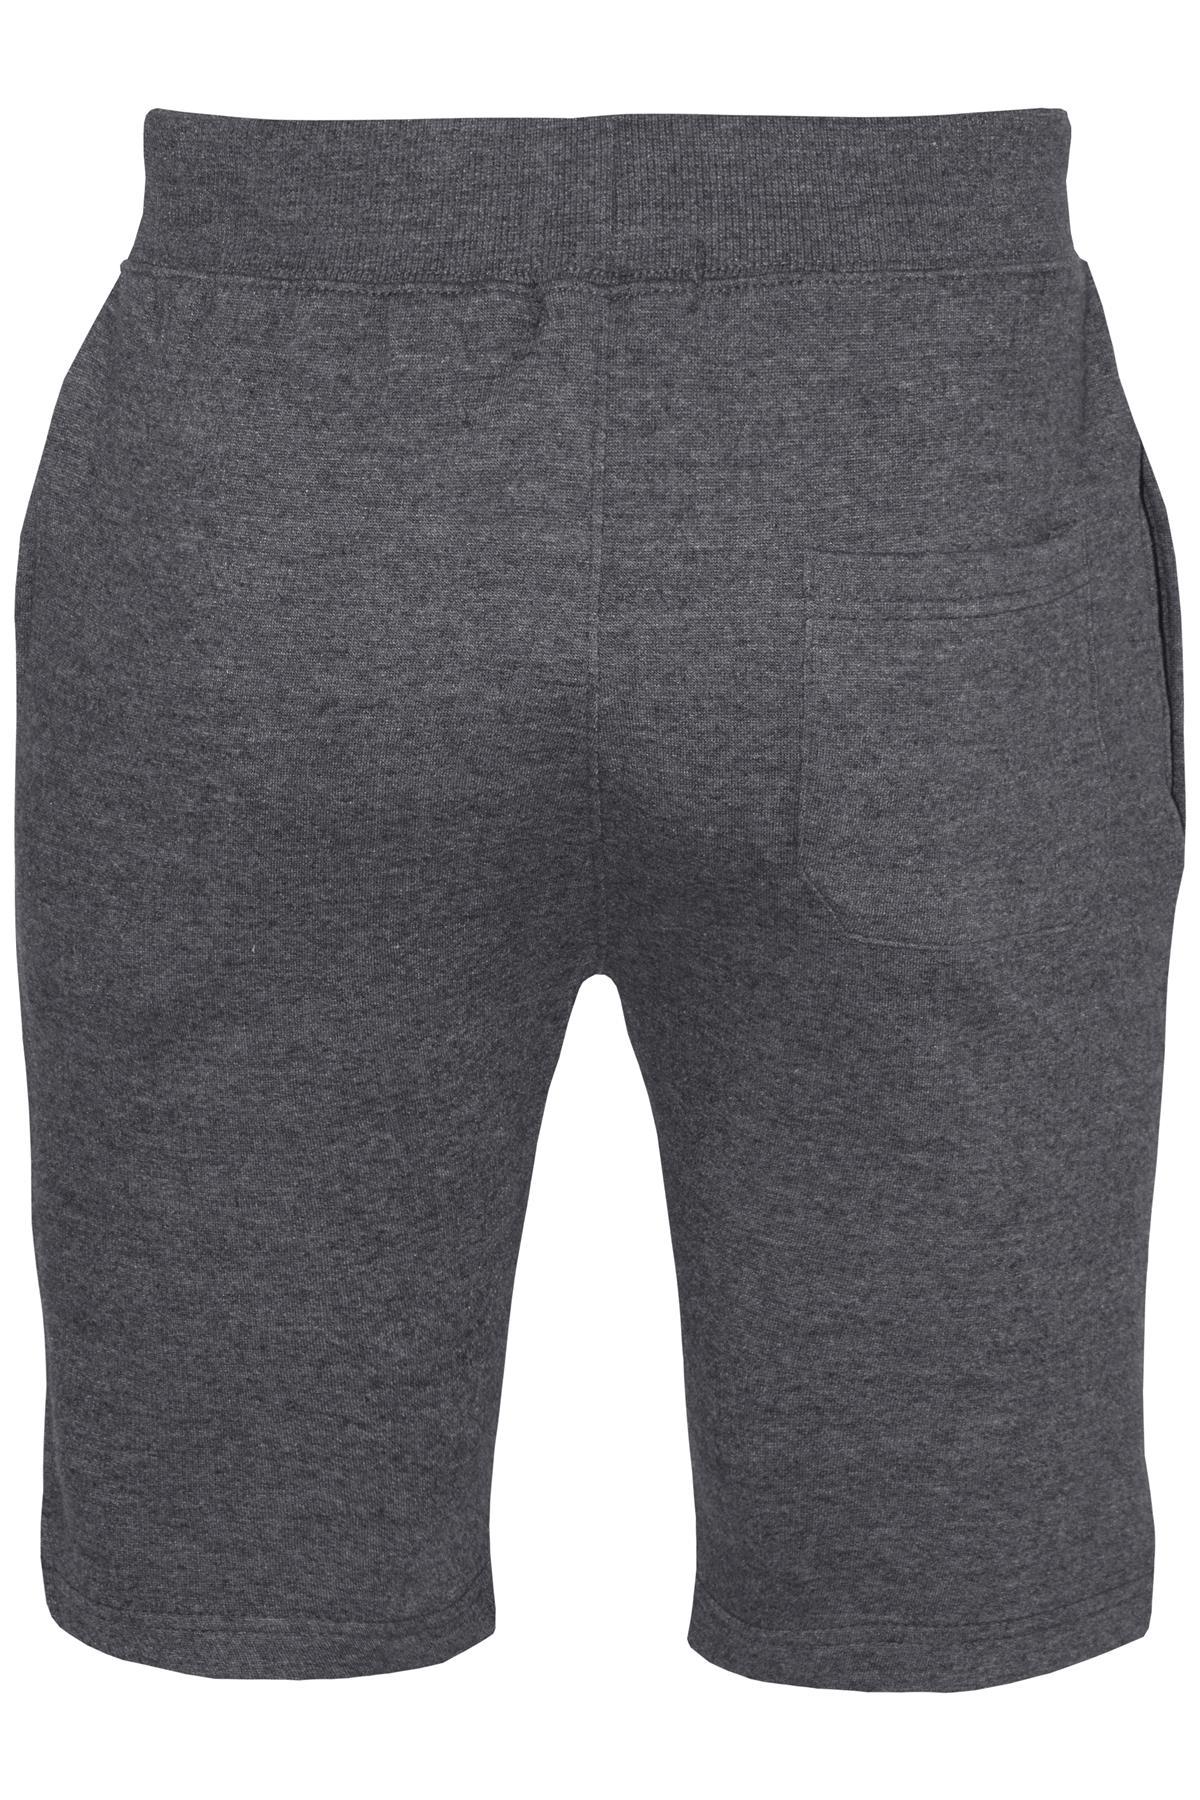 Mens-Plain-Summer-Casual-Gymming-Joggers-Baggy-Jersey-Running-Gym-Jogging-Shorts thumbnail 37